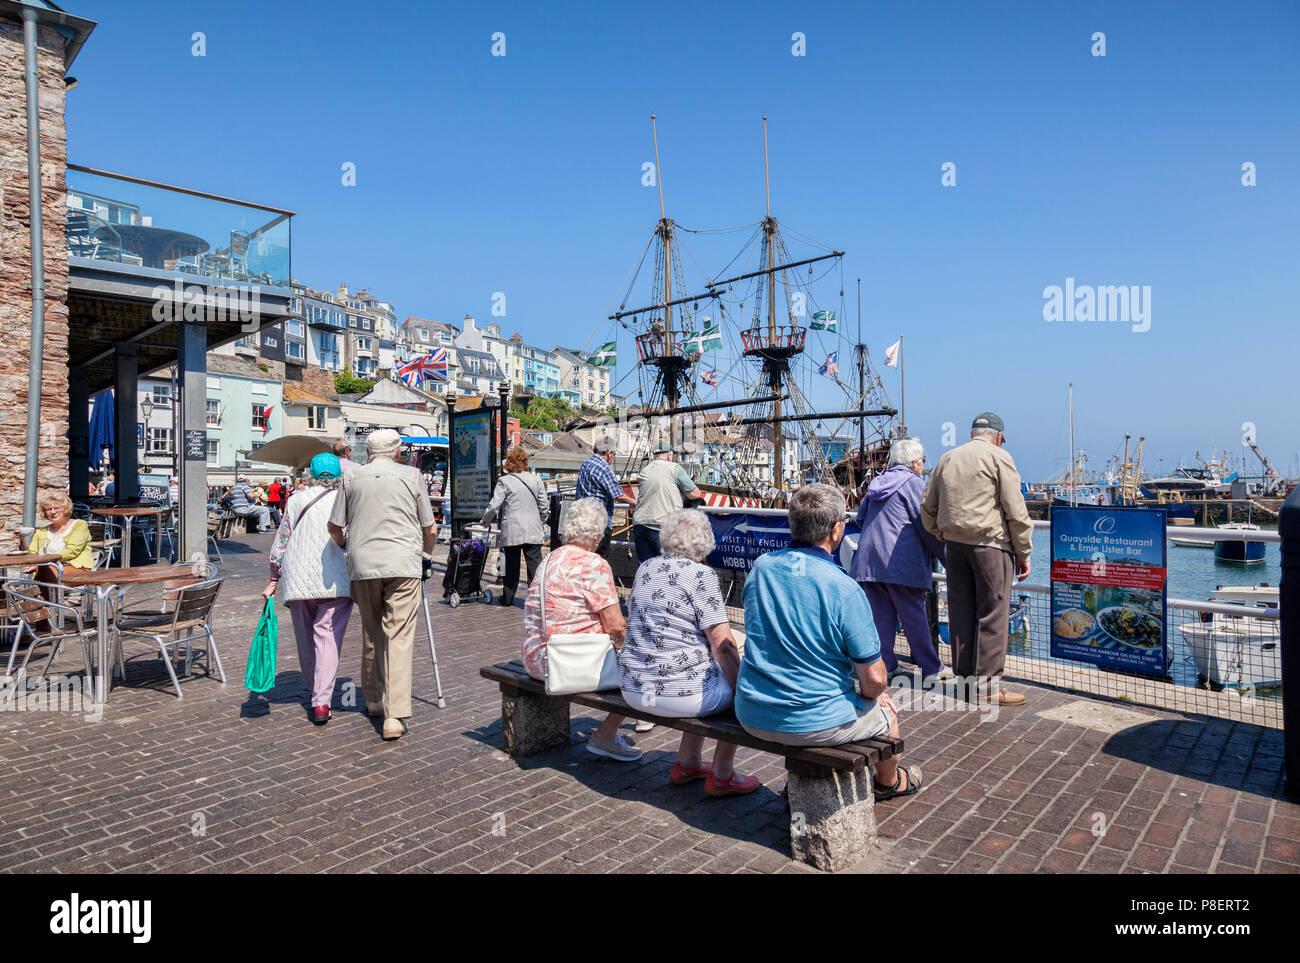 23. Mai 2018: Brixham, Devon, UK-Senioren entspannen Sie an der Küste der Hafen von Brixham, mit der Replik Golden Hind Segelschiff. Stockbild